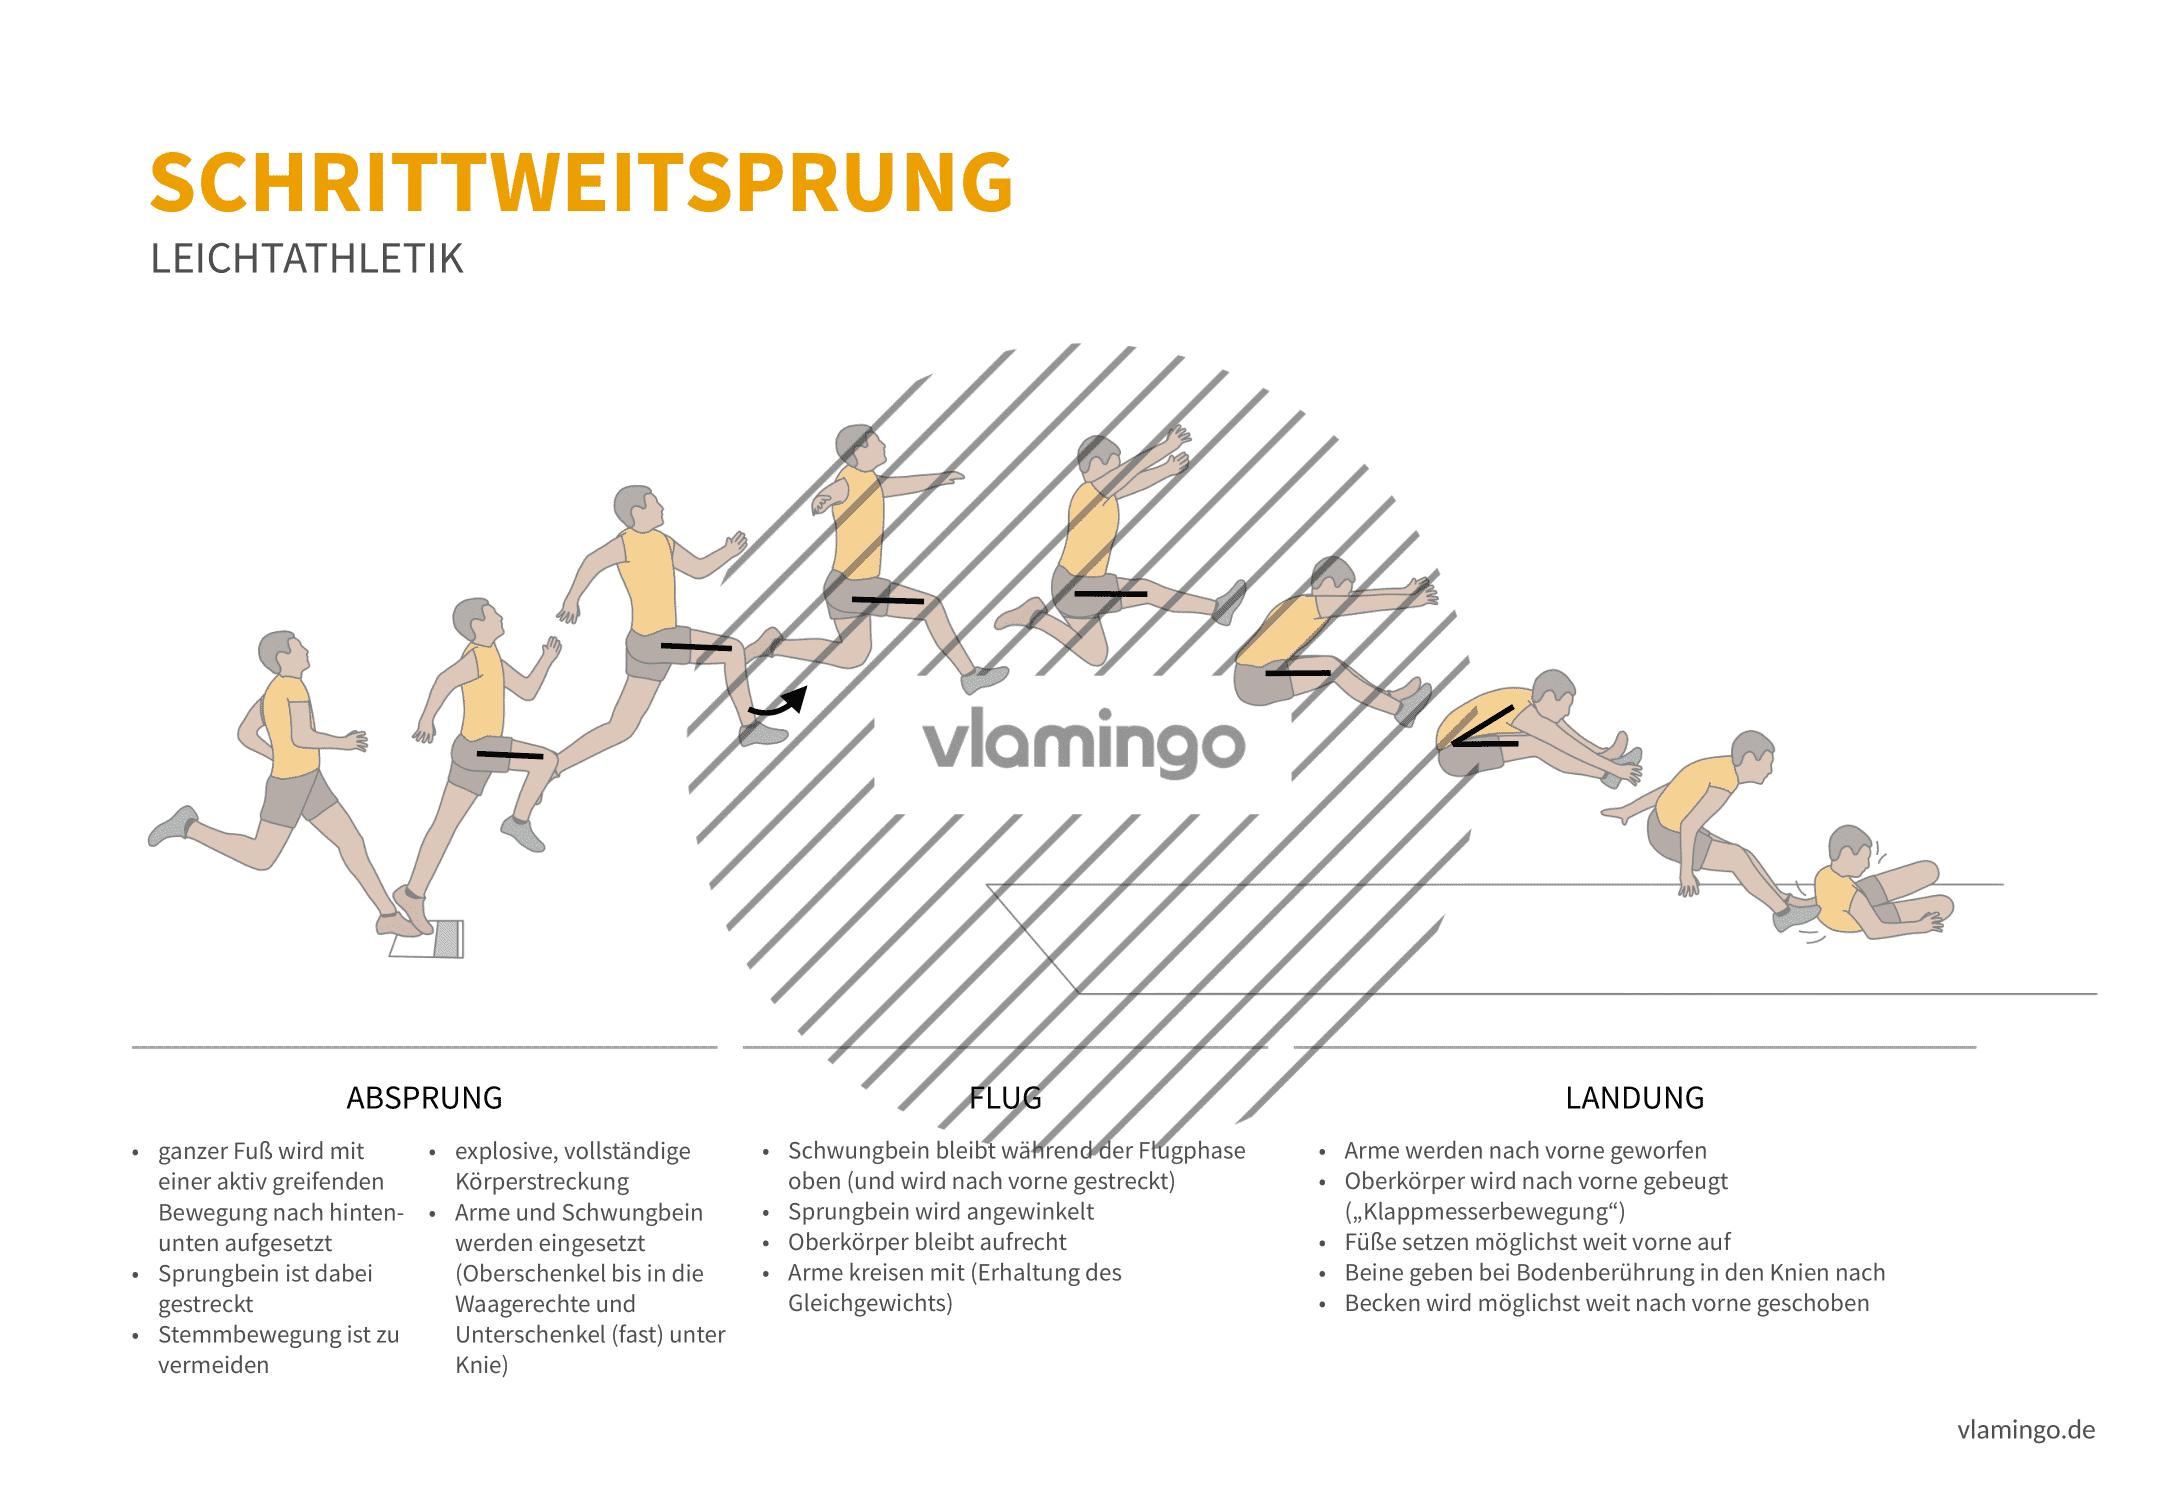 Schrittsprung (Bewegungsanalyse) - Leichtathletik